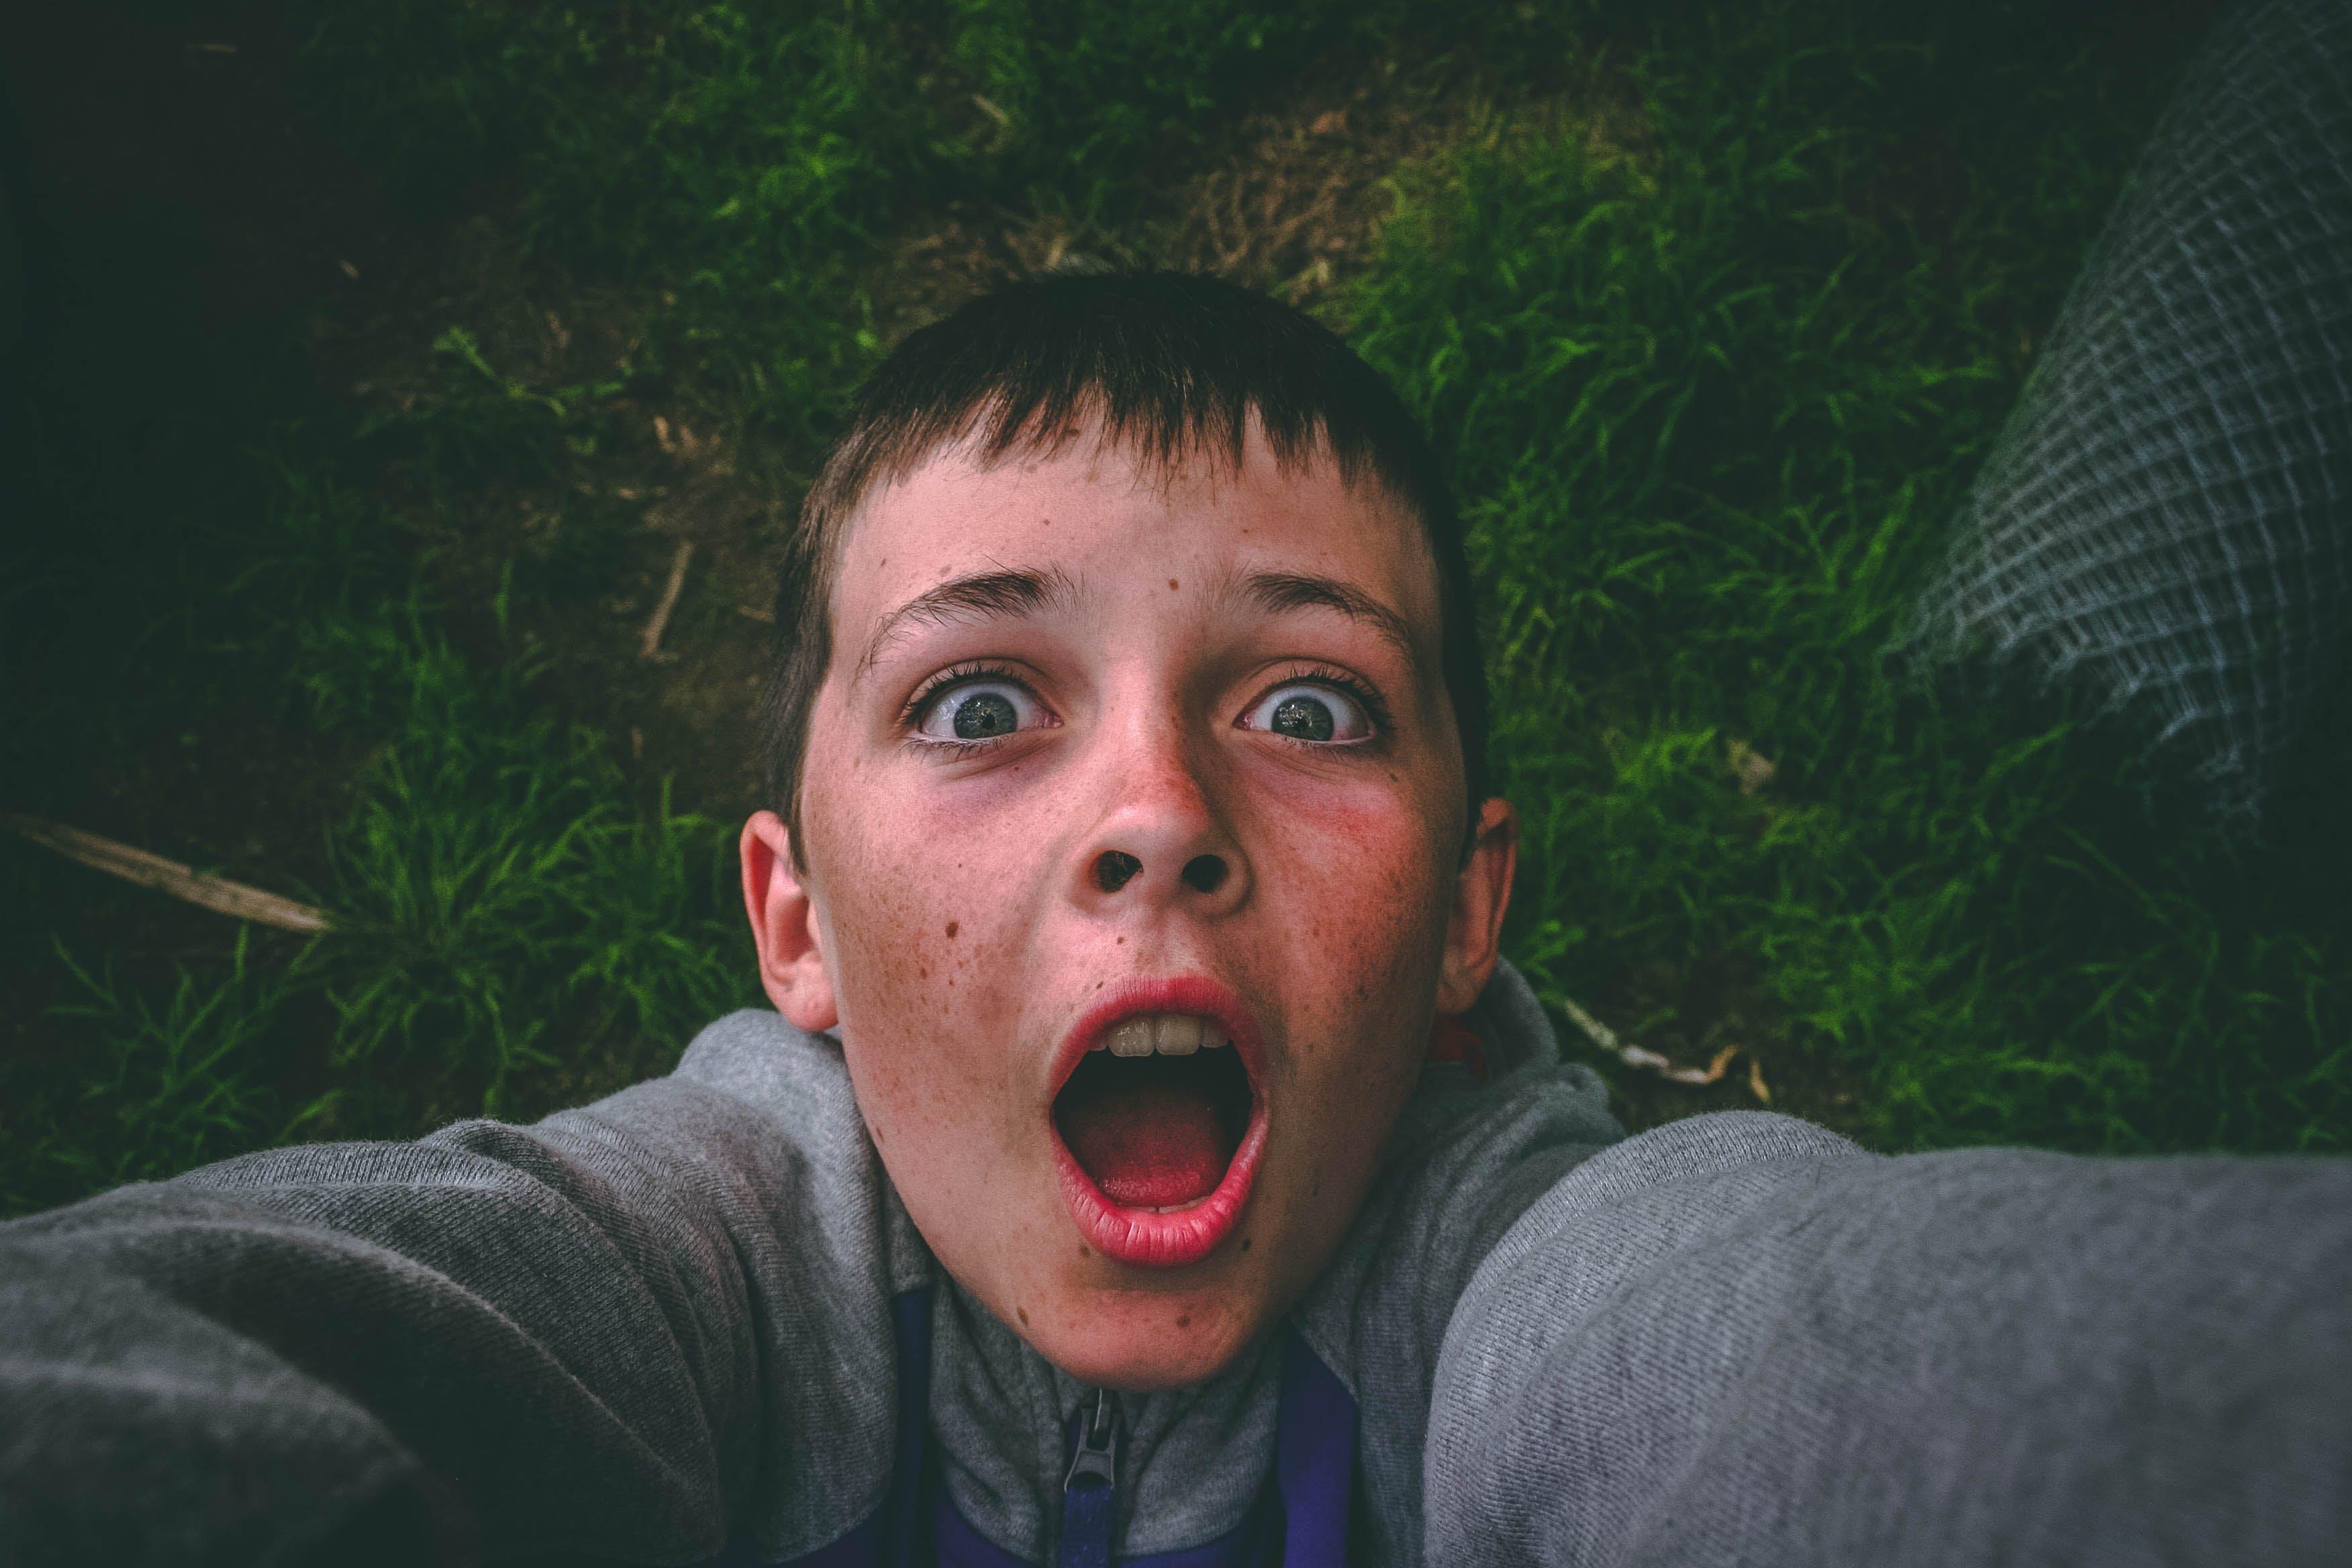 Gratis lagerfoto af ansigtsudtryk, barn, Dreng, græs